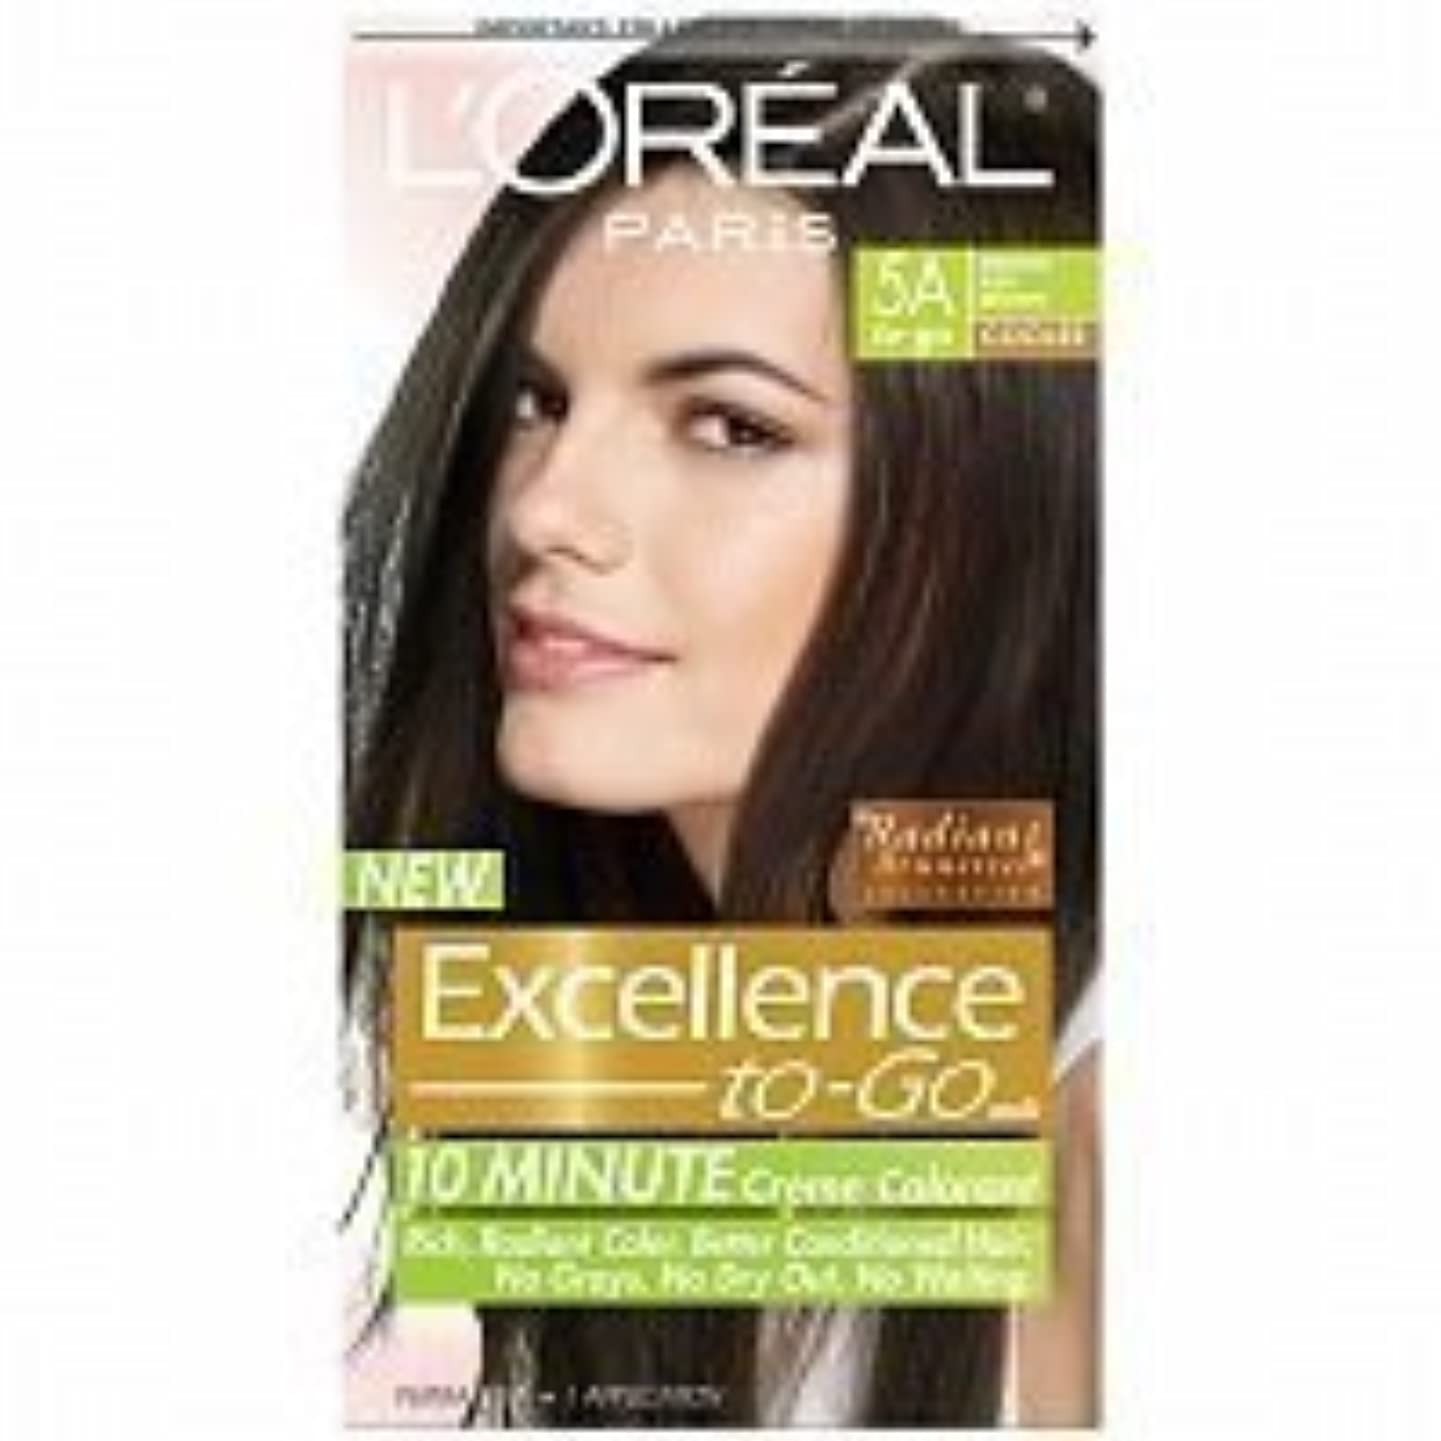 バランスのとれたミント暴動L'Oreal Paris Excellence To-Go 10-Minute Cr?N?Nme Coloring, Medium Ash Brown 5A by L'Oreal Paris Hair Color [並行輸入品]